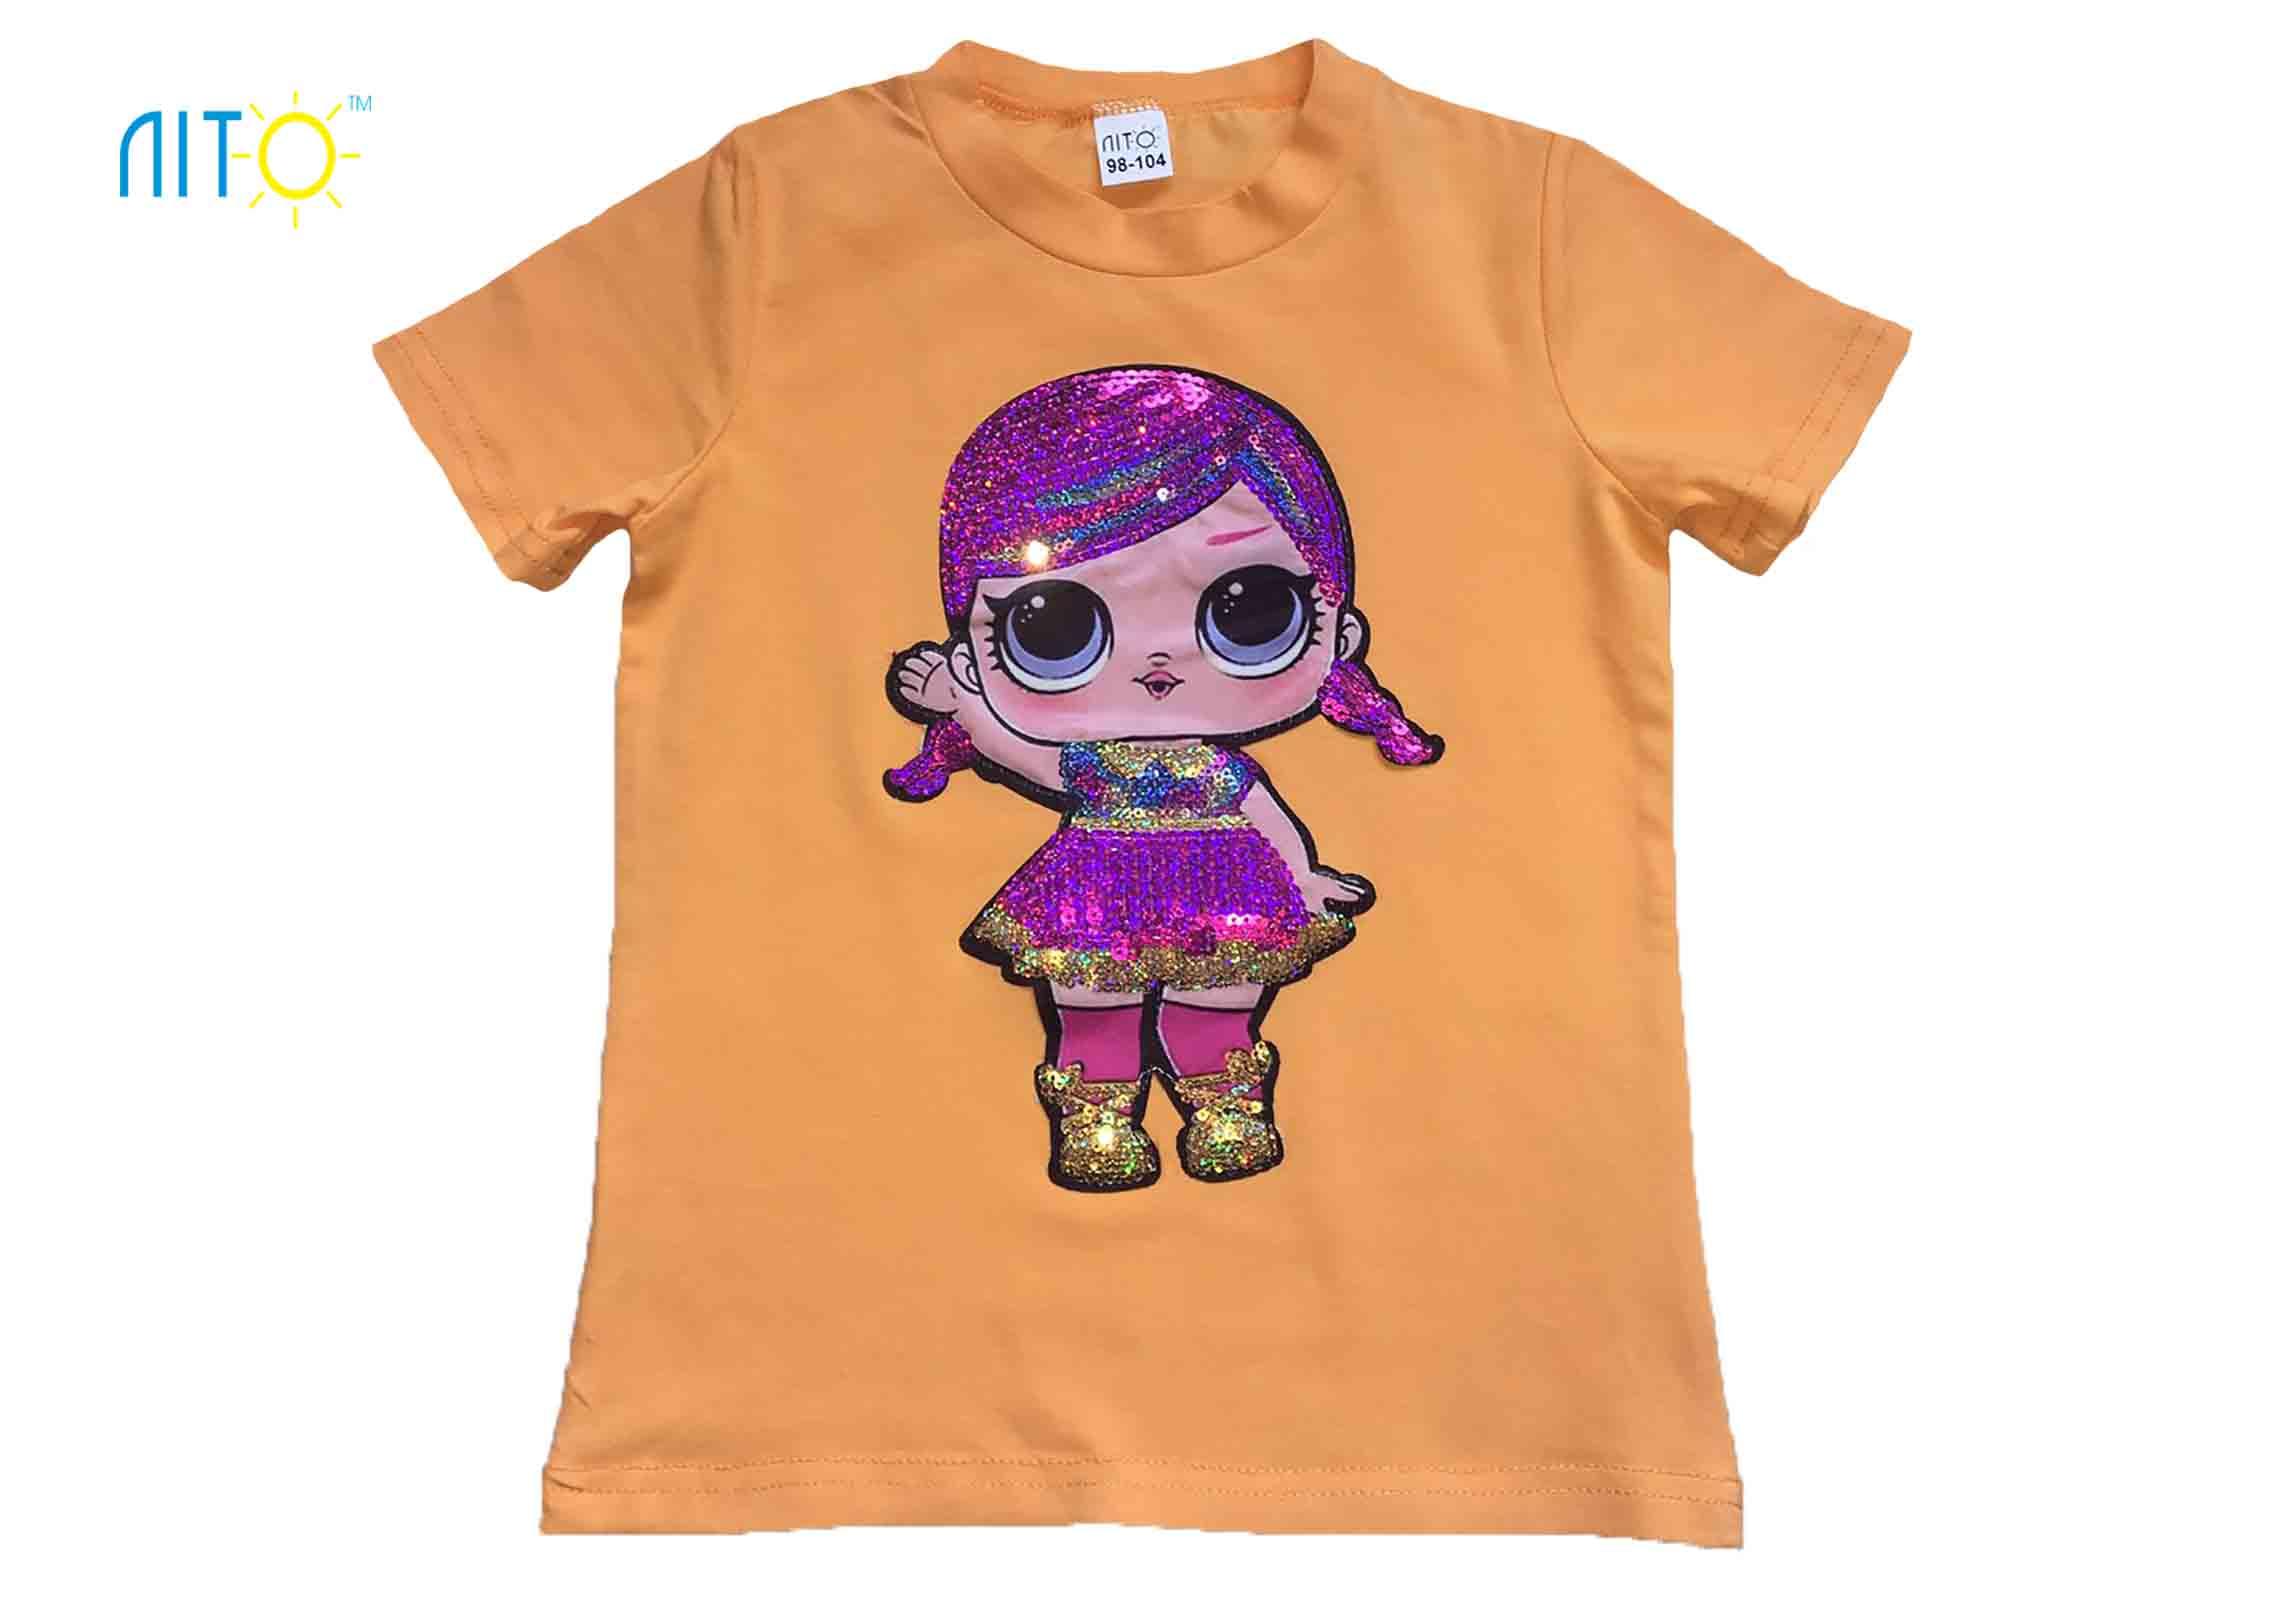 d7844a18cbdc82 Дитячий одяг для дівчаток від 2 до 11 років - Купити недорого